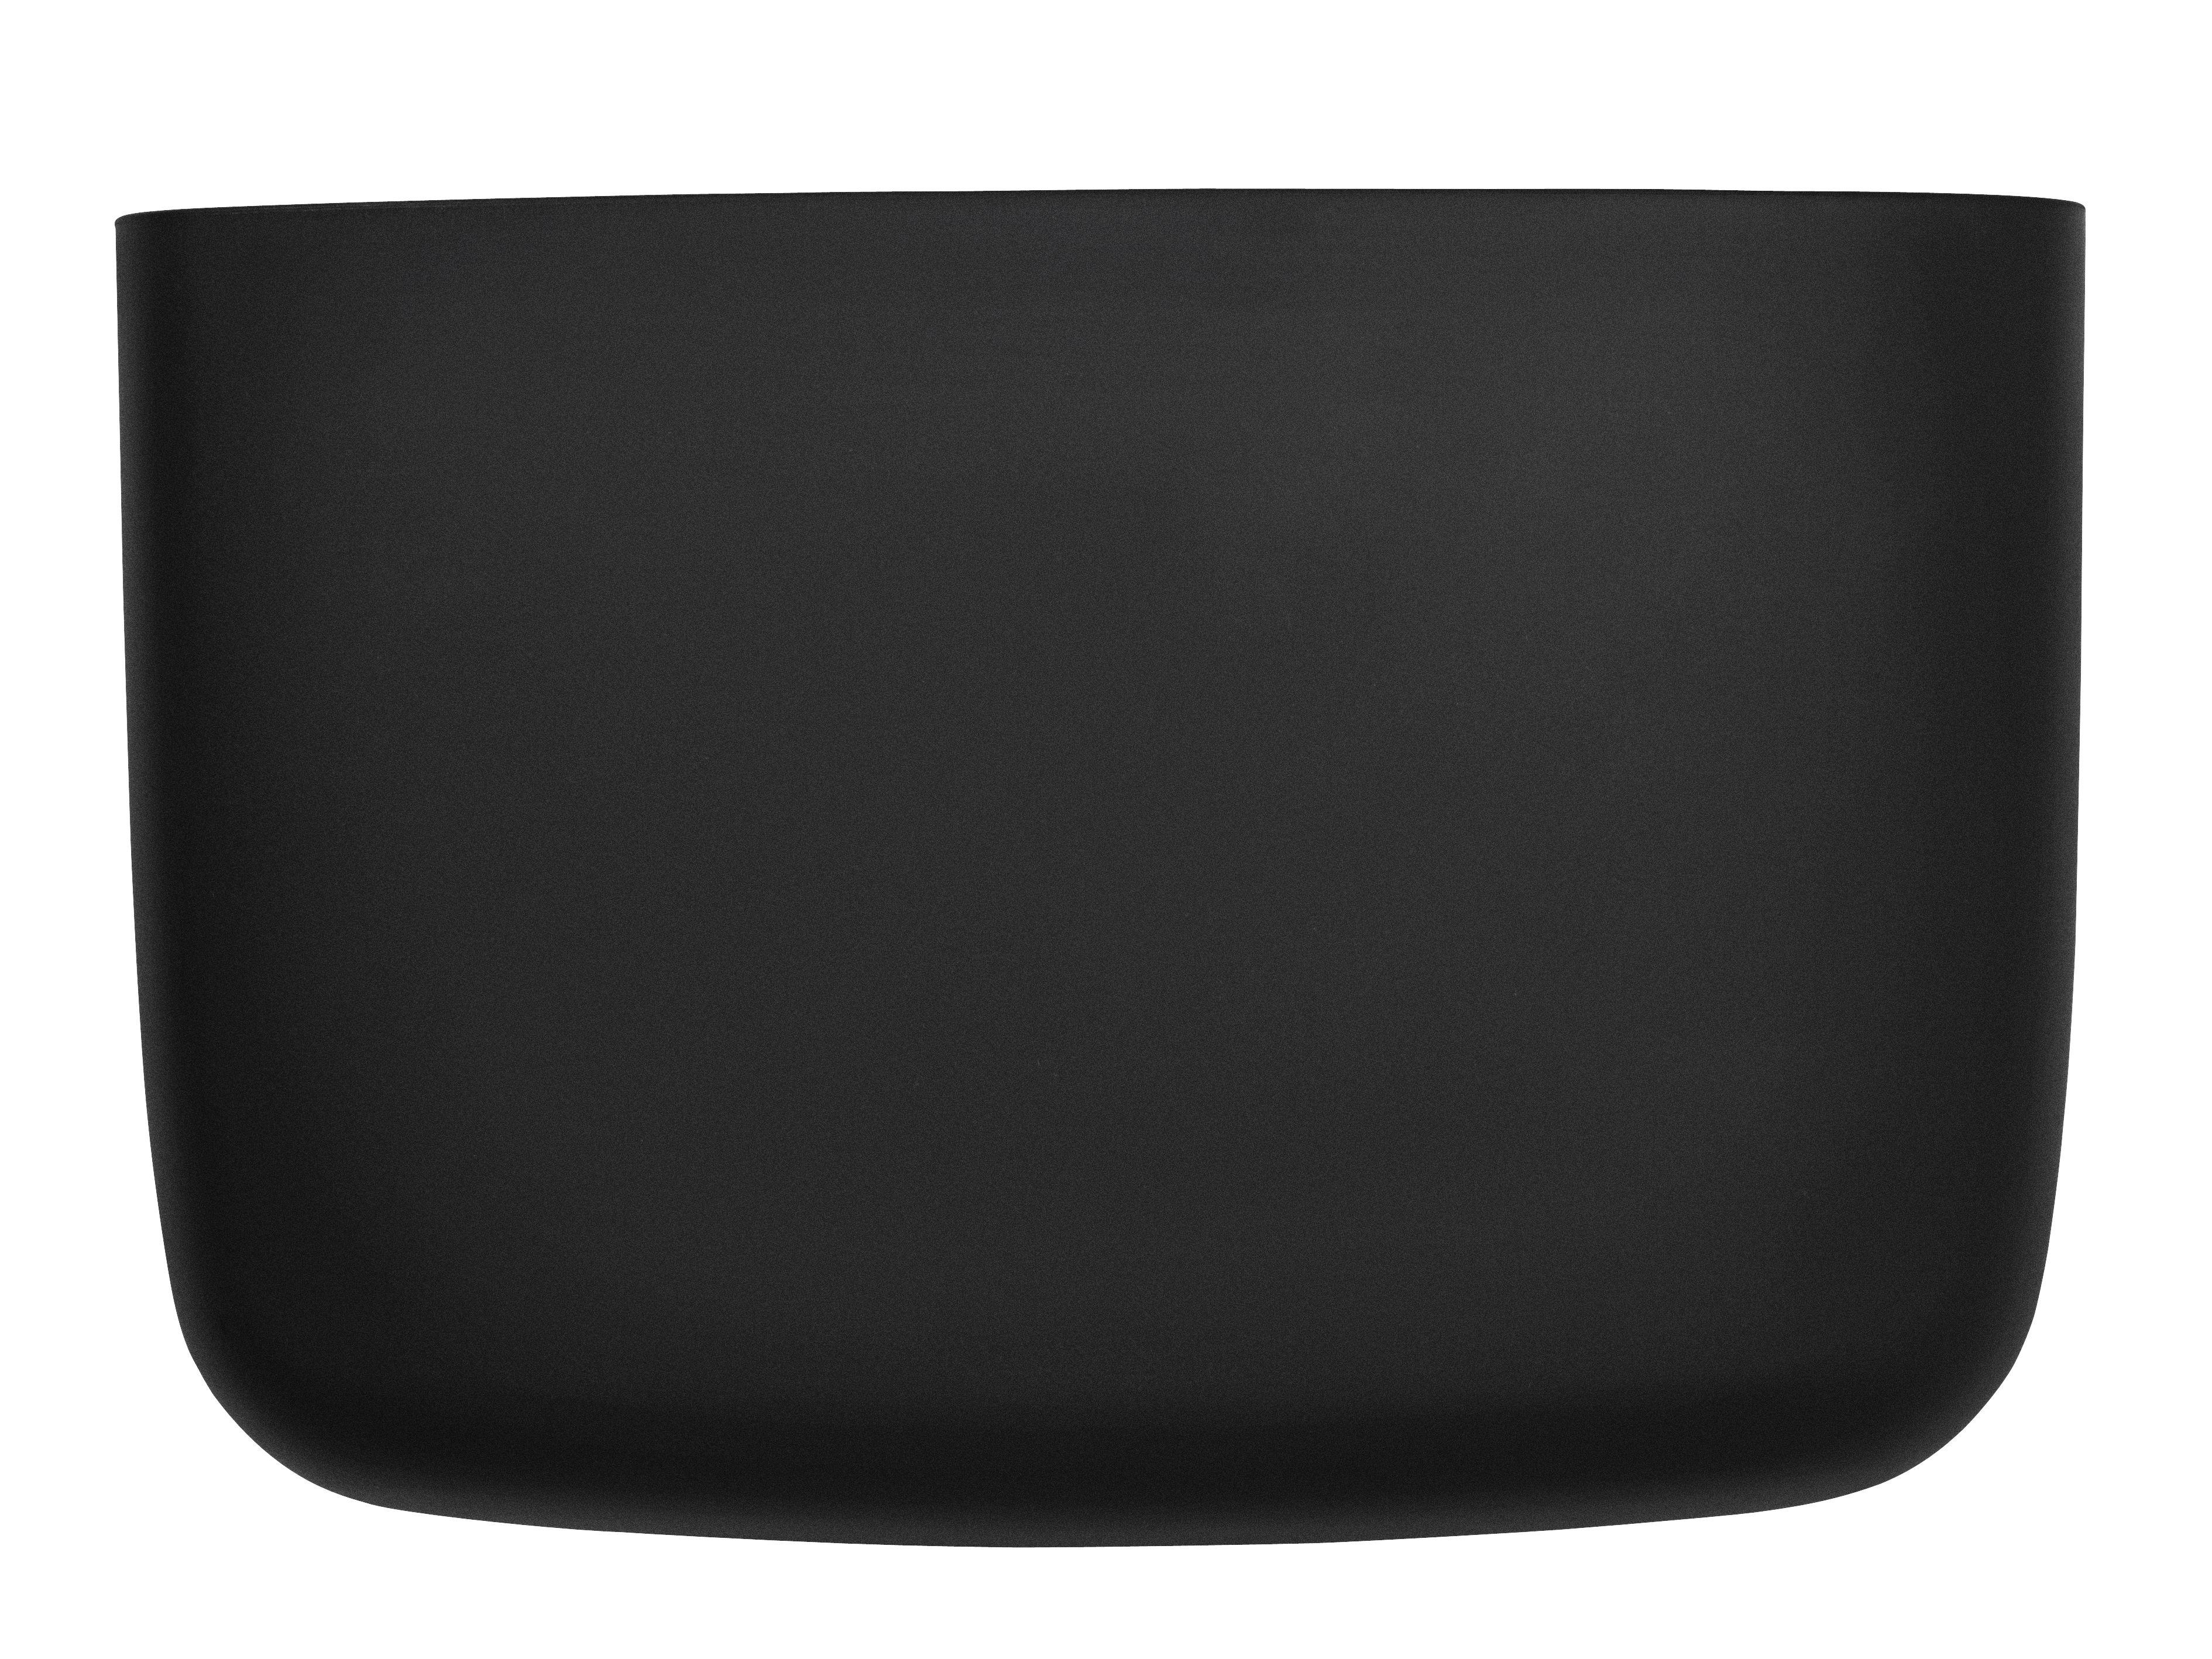 Dekoration - Für Kinder - Pocket 4 Wandablage / L 28 x H 19 cm - Normann Copenhagen - Schwarz - Polypropylen